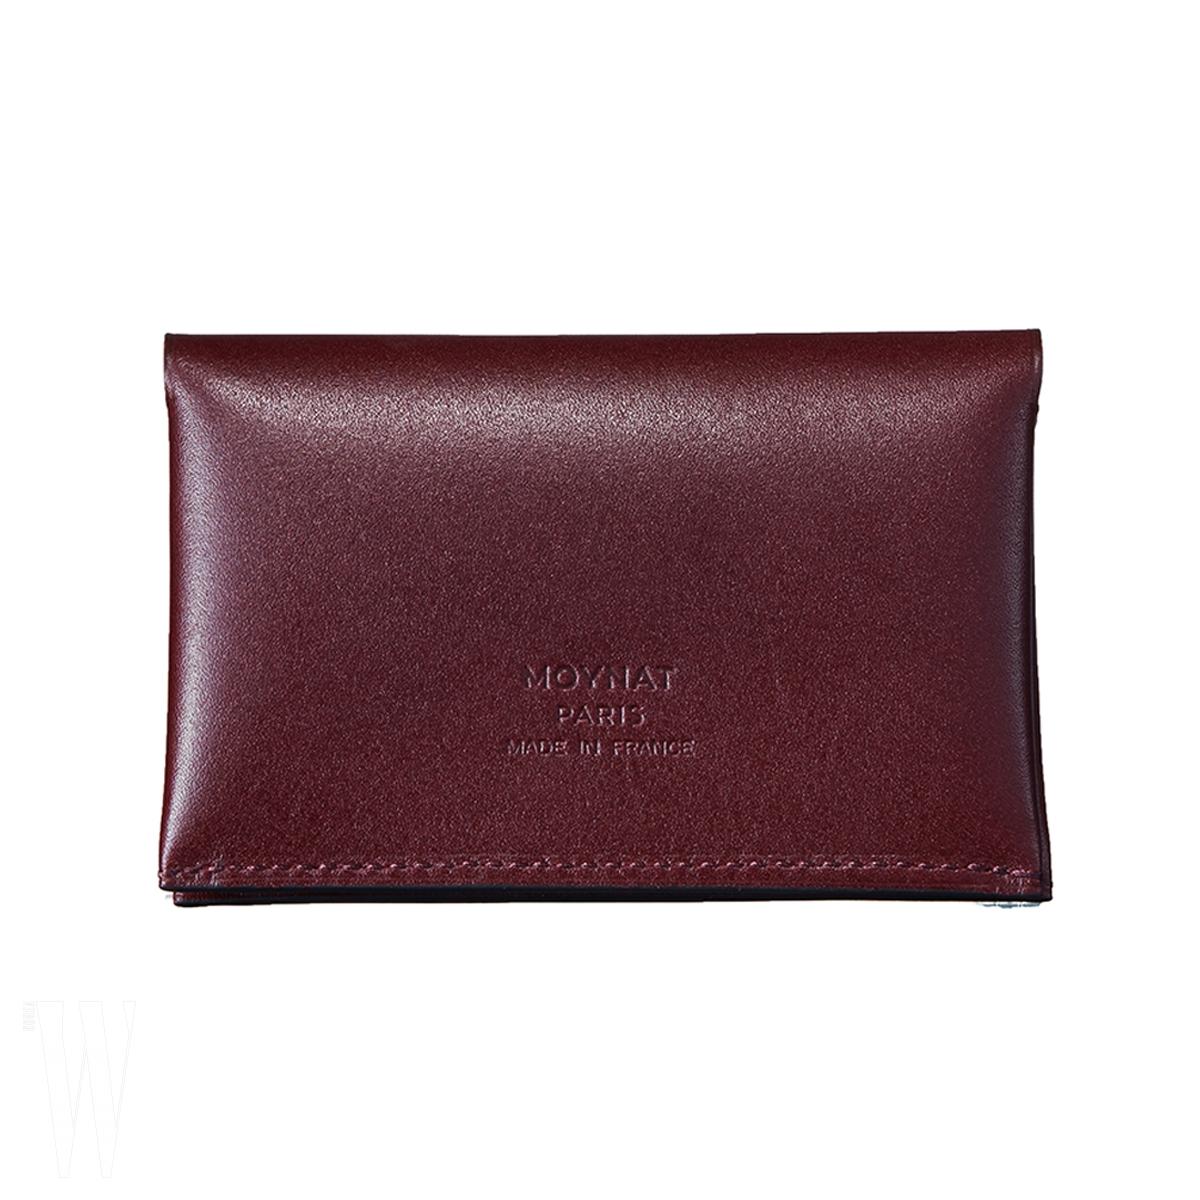 오리가미 모티프의 고급스러운 가죽 카드 지갑 겸 명함 지갑은 모이나 제품. 44만7천원